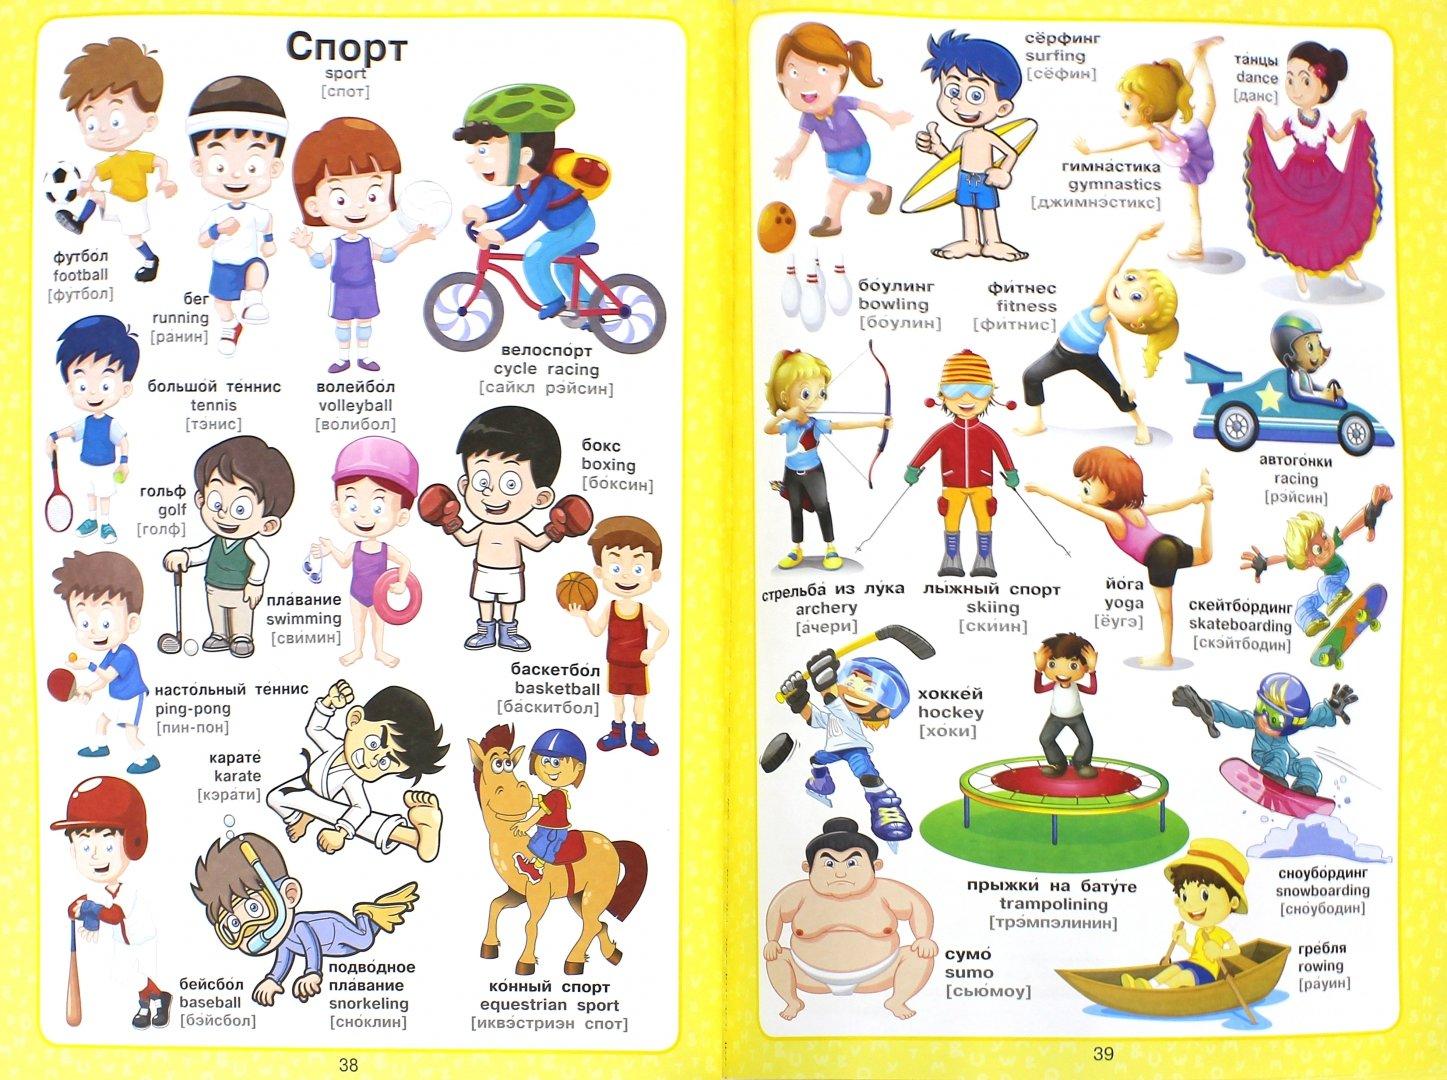 Картинки на английском языке для детей по темам, для детей вода